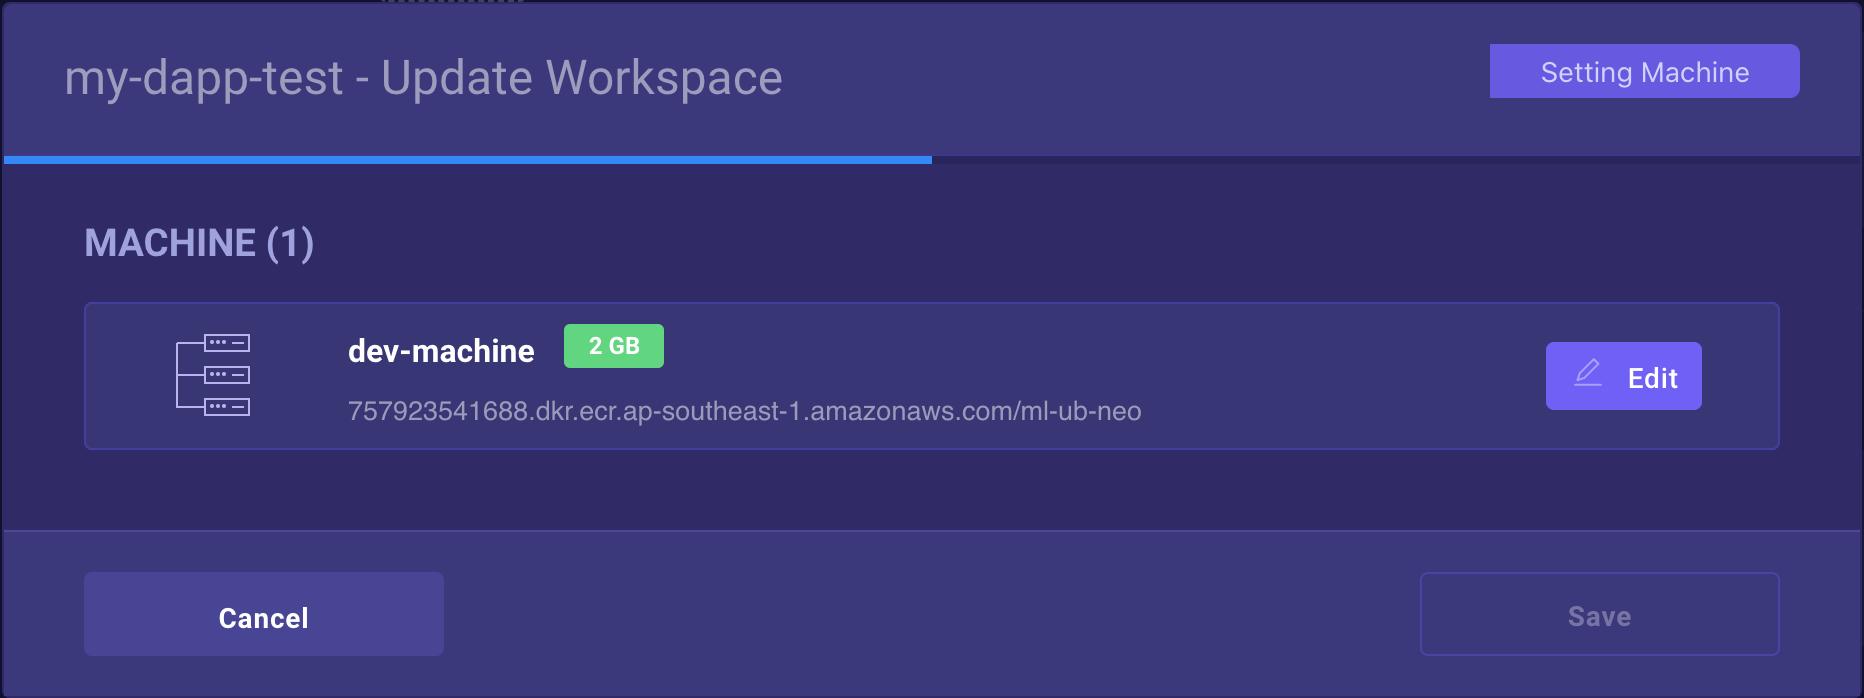 Edit Workspaces in V2.0